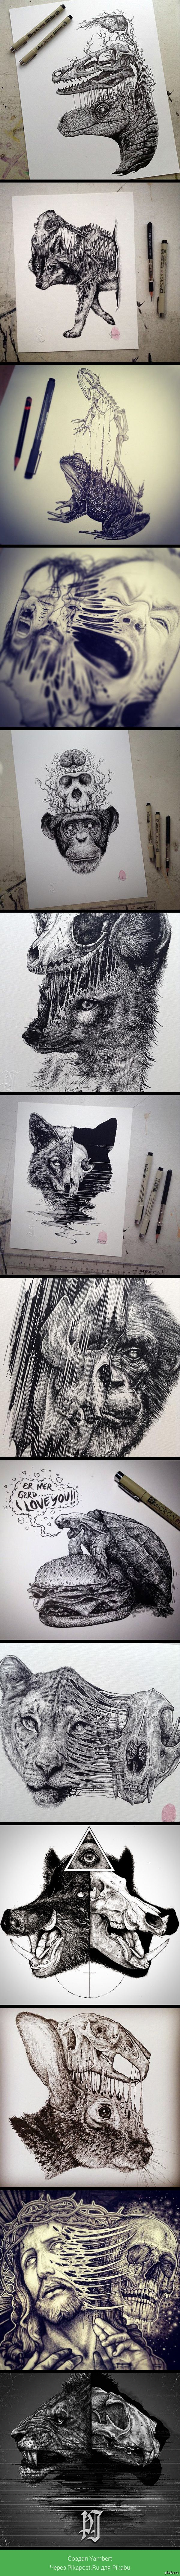 Анатомические ужасы От художника Пола Джексона